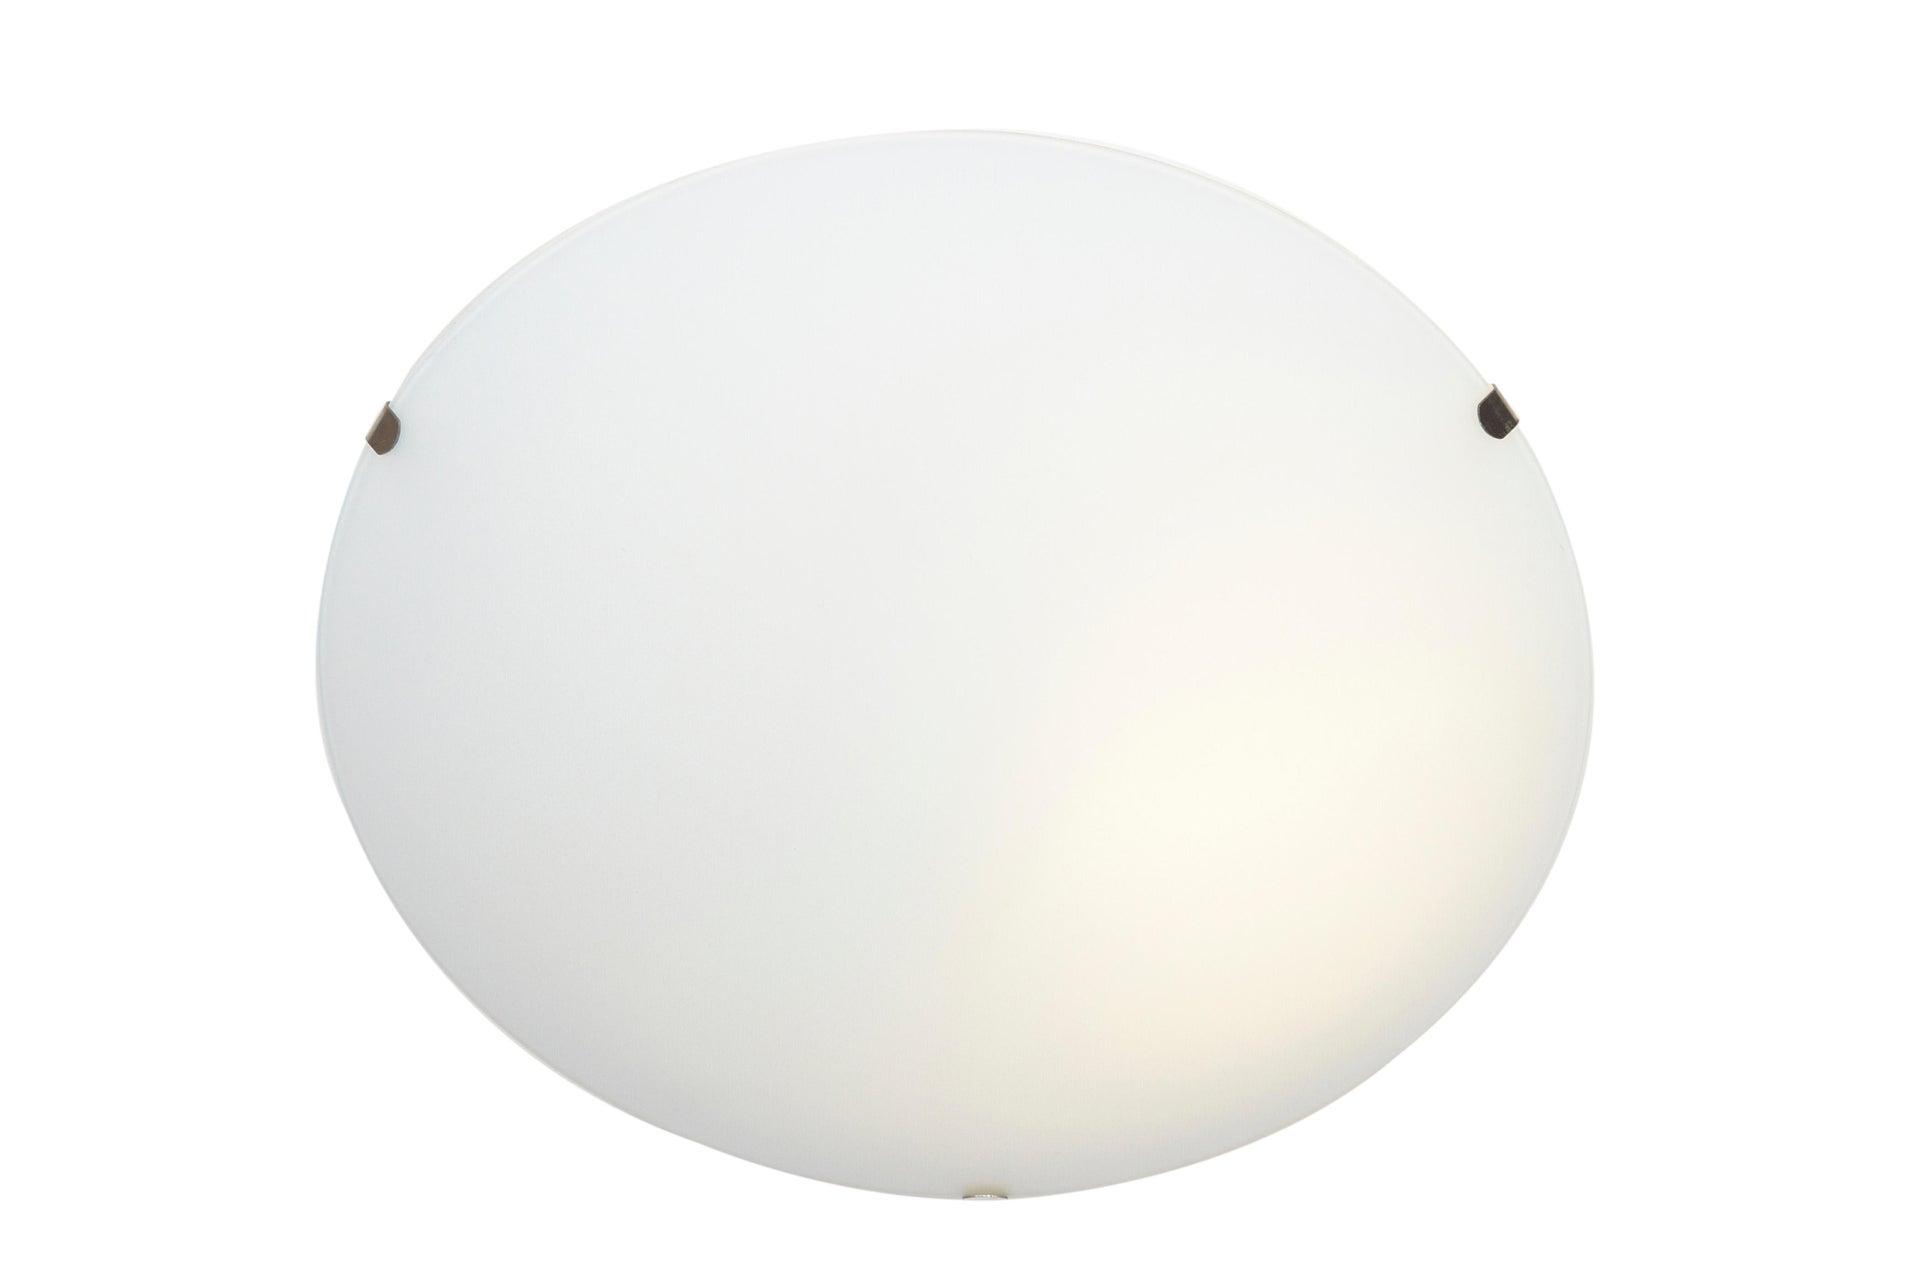 Plafoniera classico Pluton bianco, in cristallo, D. 25 cm 25x25 cm, - 6